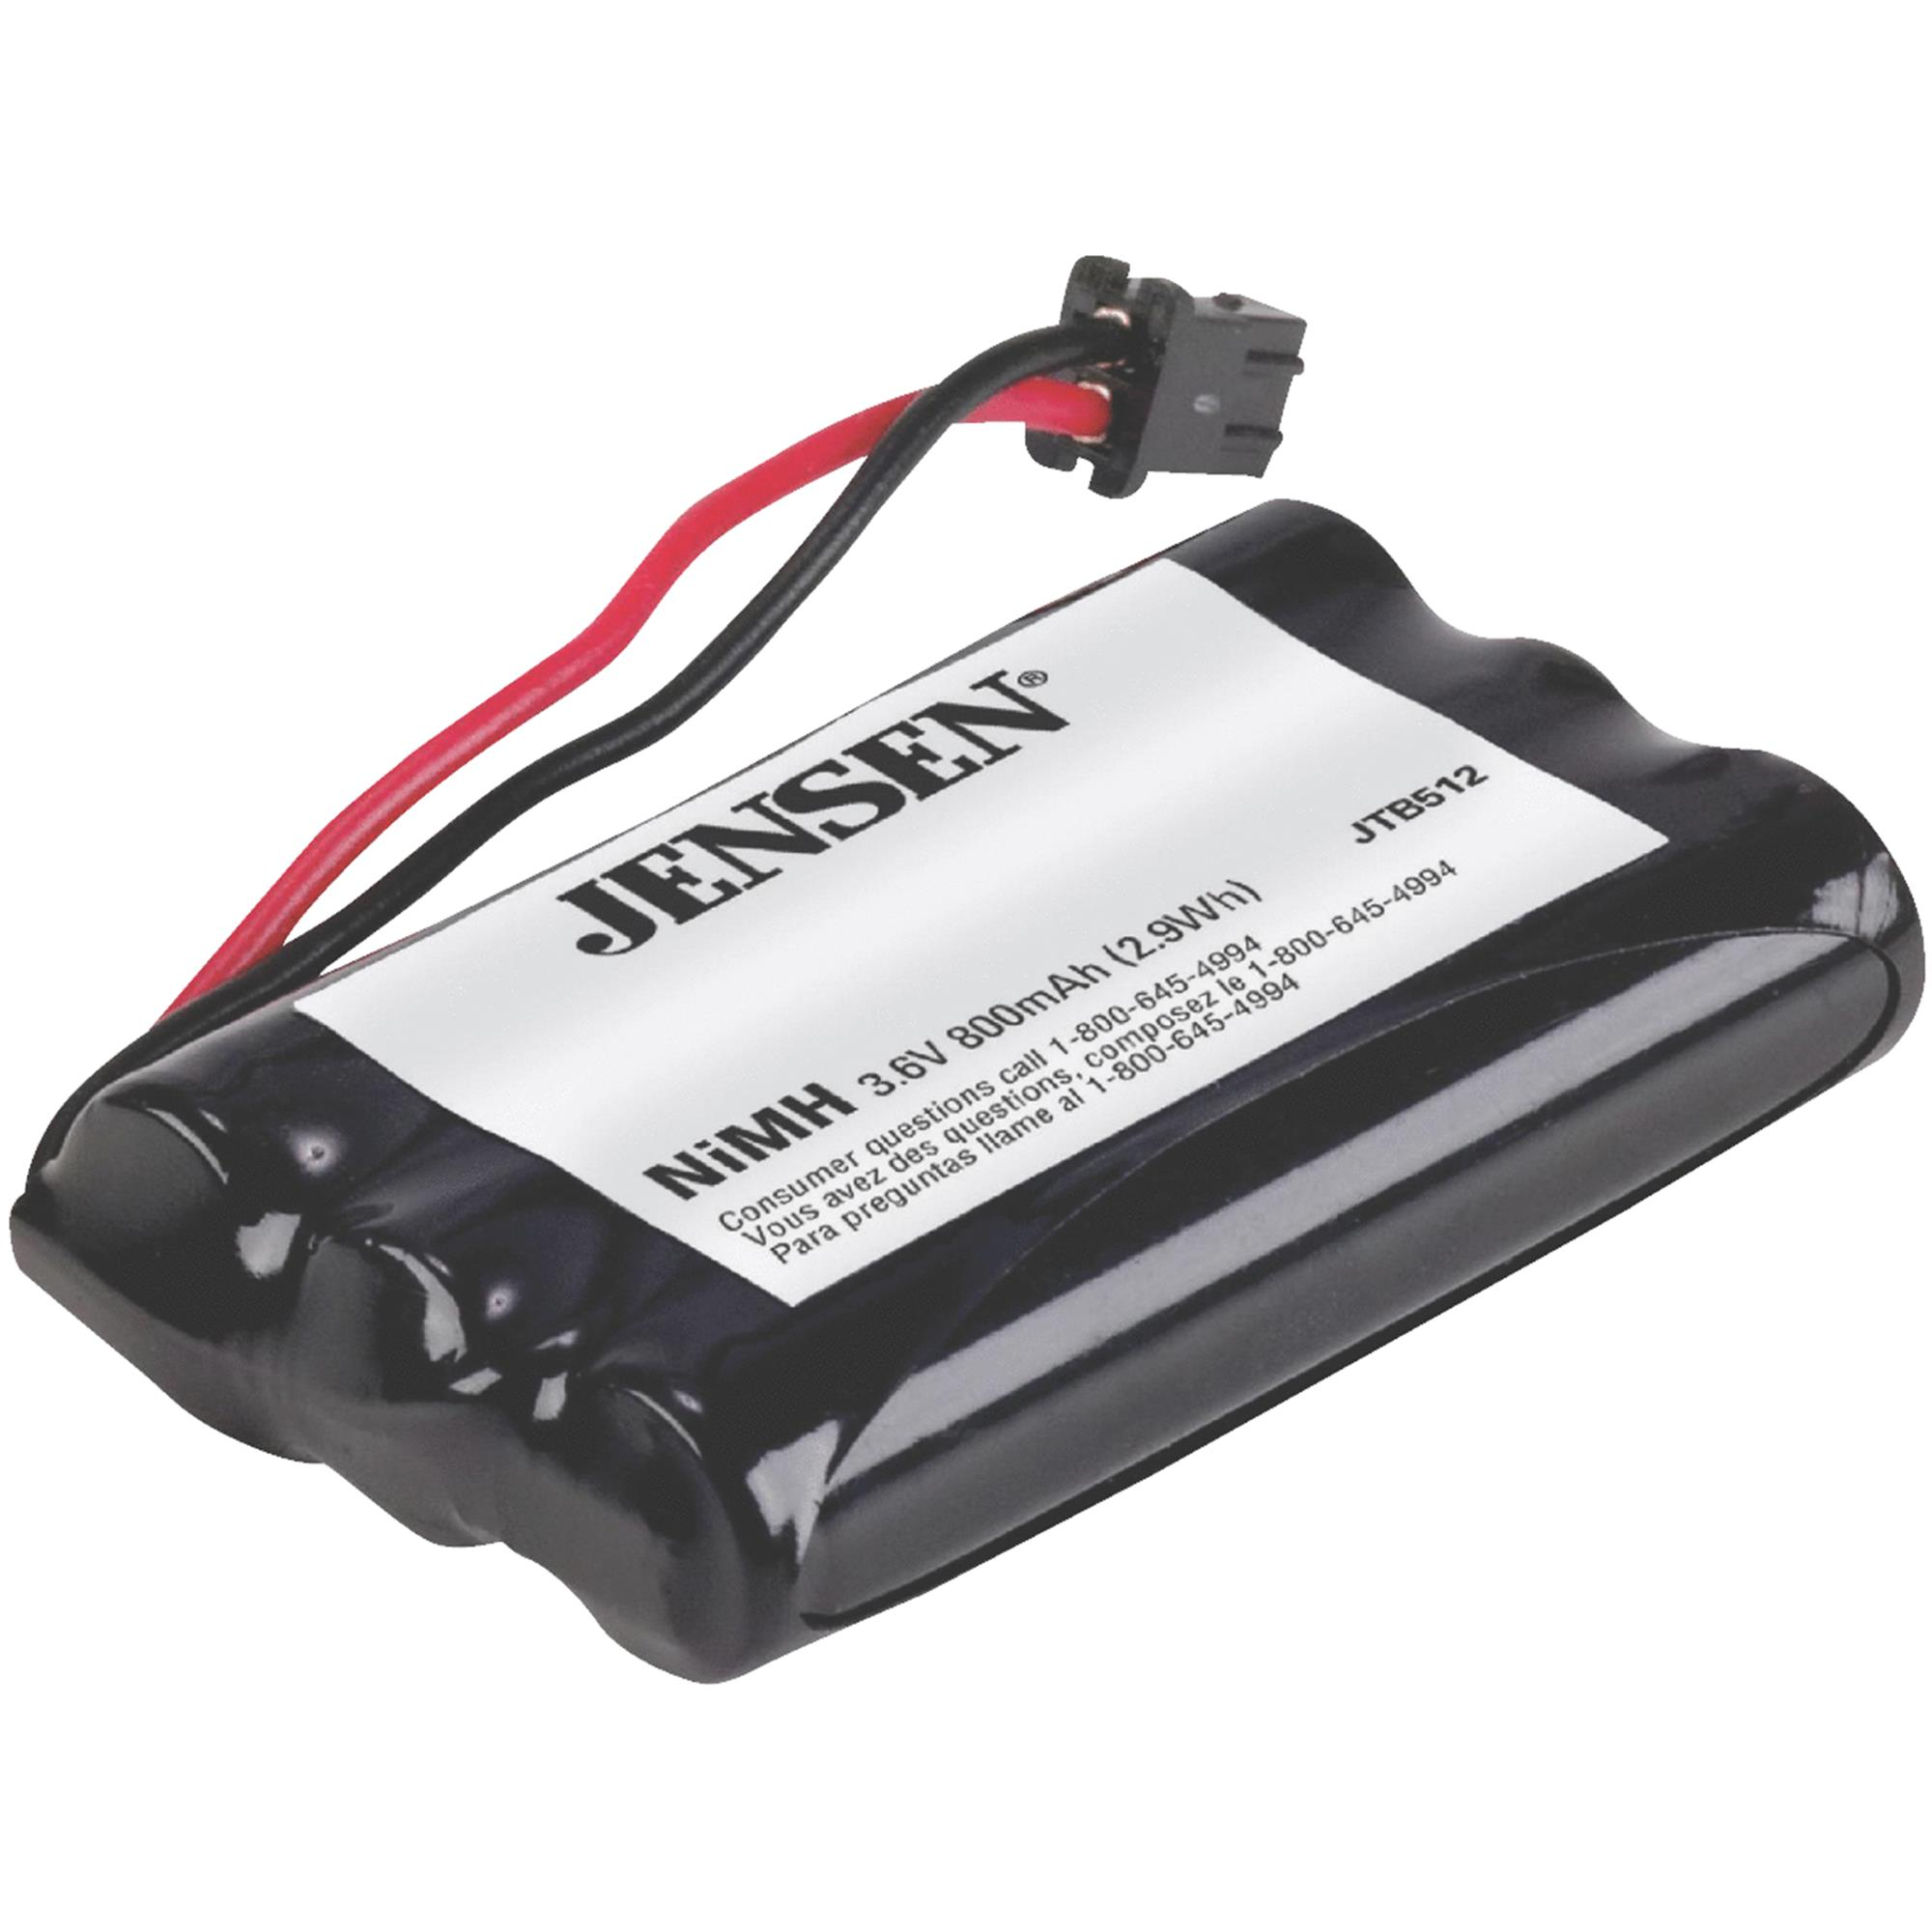 Jensen Ni-MH Cordless Phone Battery